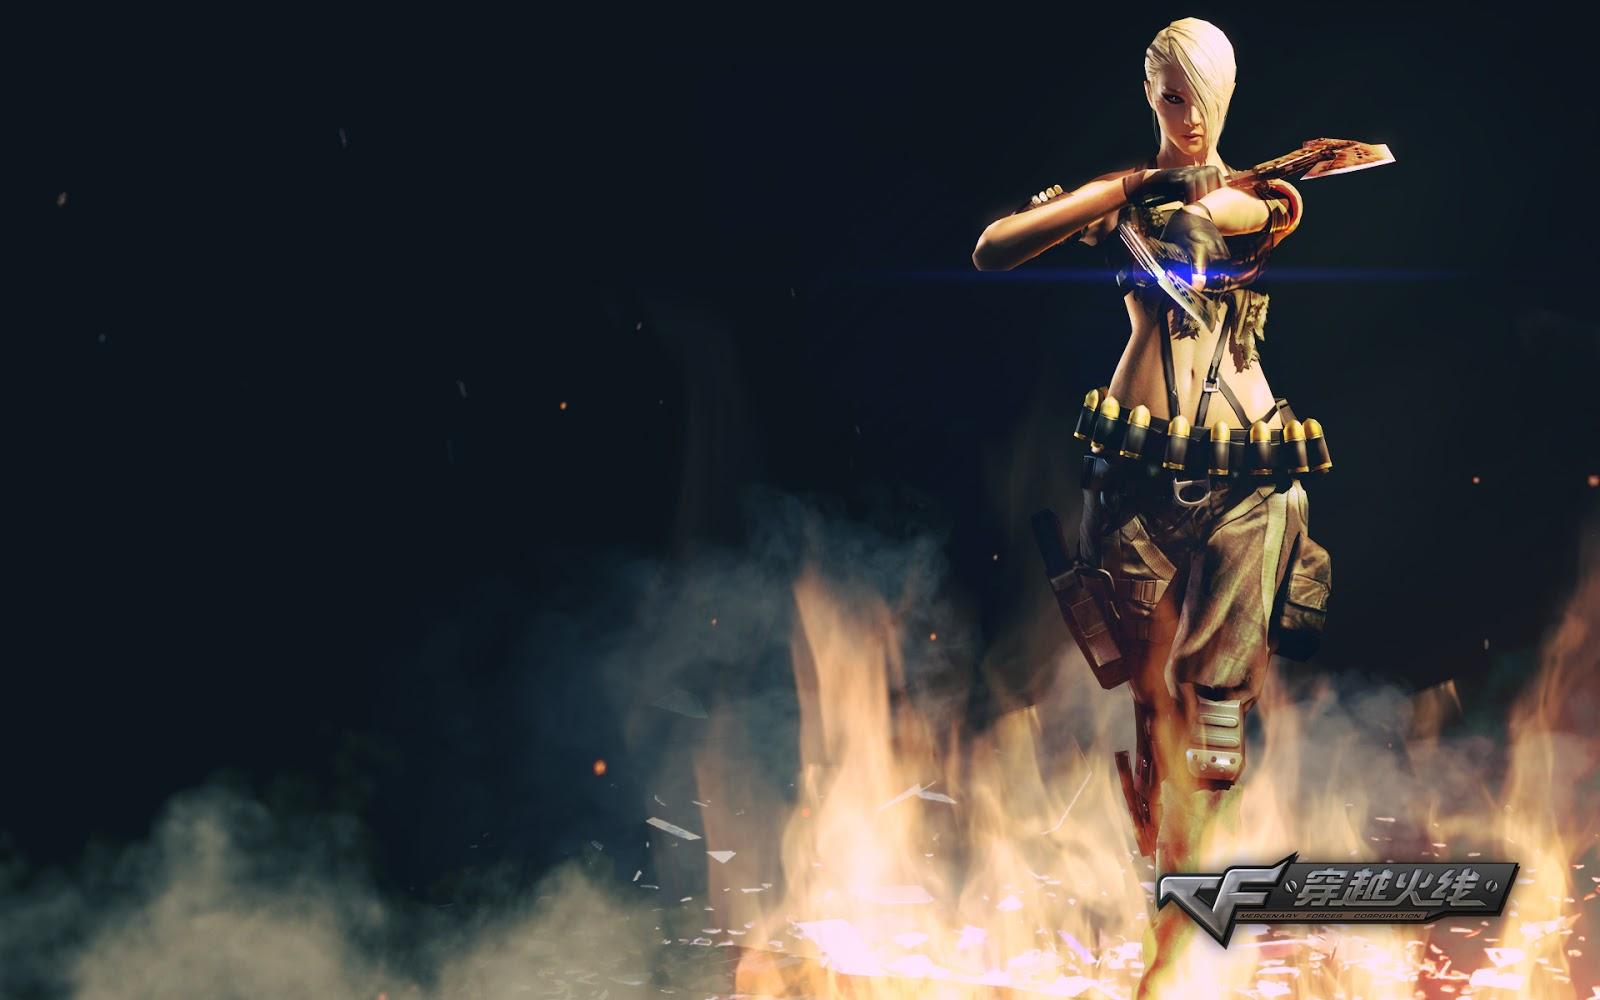 Tải Hình ảnh nền game Đột Kích Full HD - Hình nền CF 3D đẹp